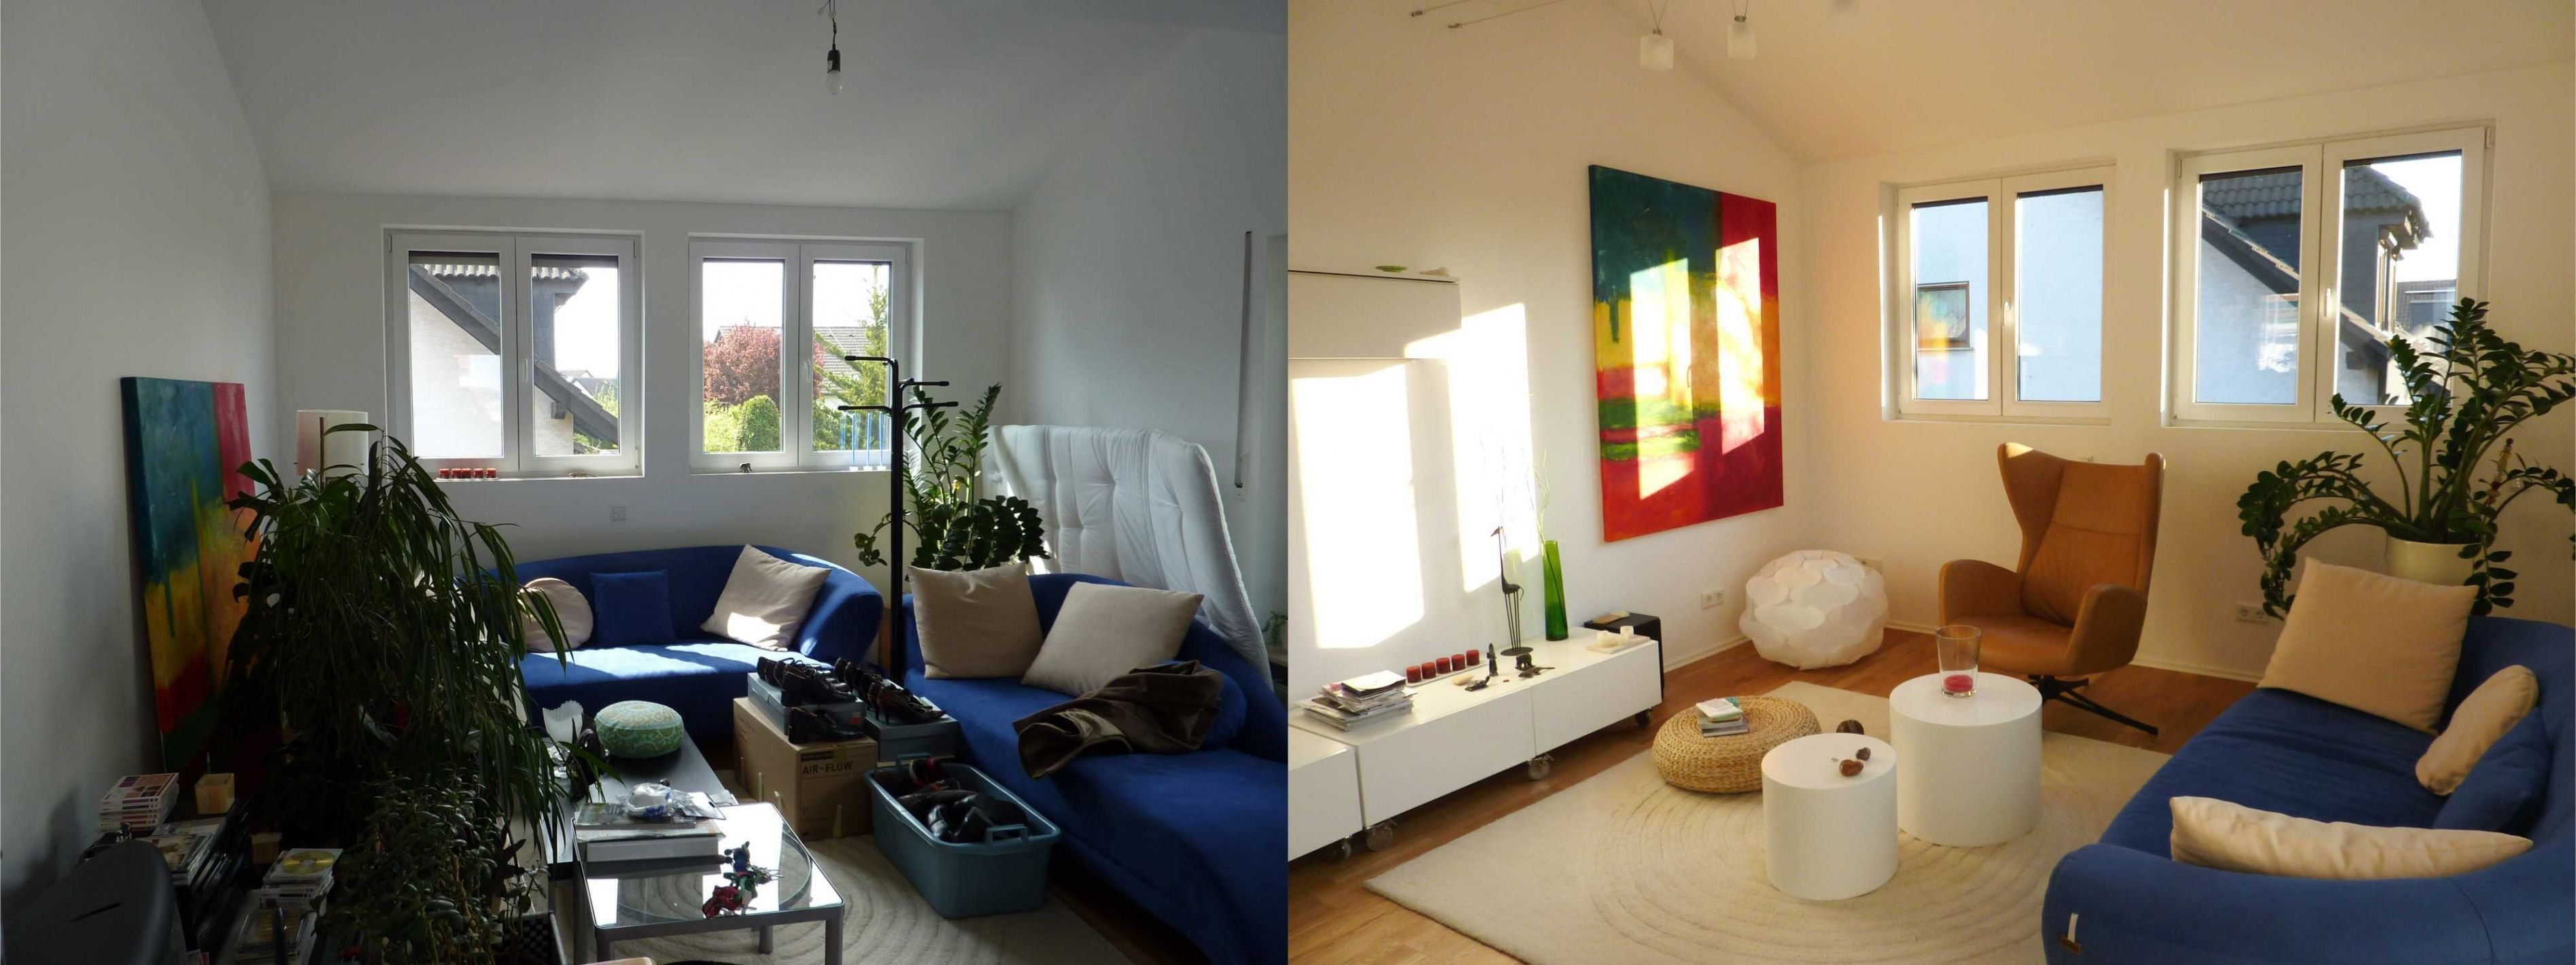 Ehrfrchtig Wohnzimmer Neu Gestalten Vorher Nachher ...